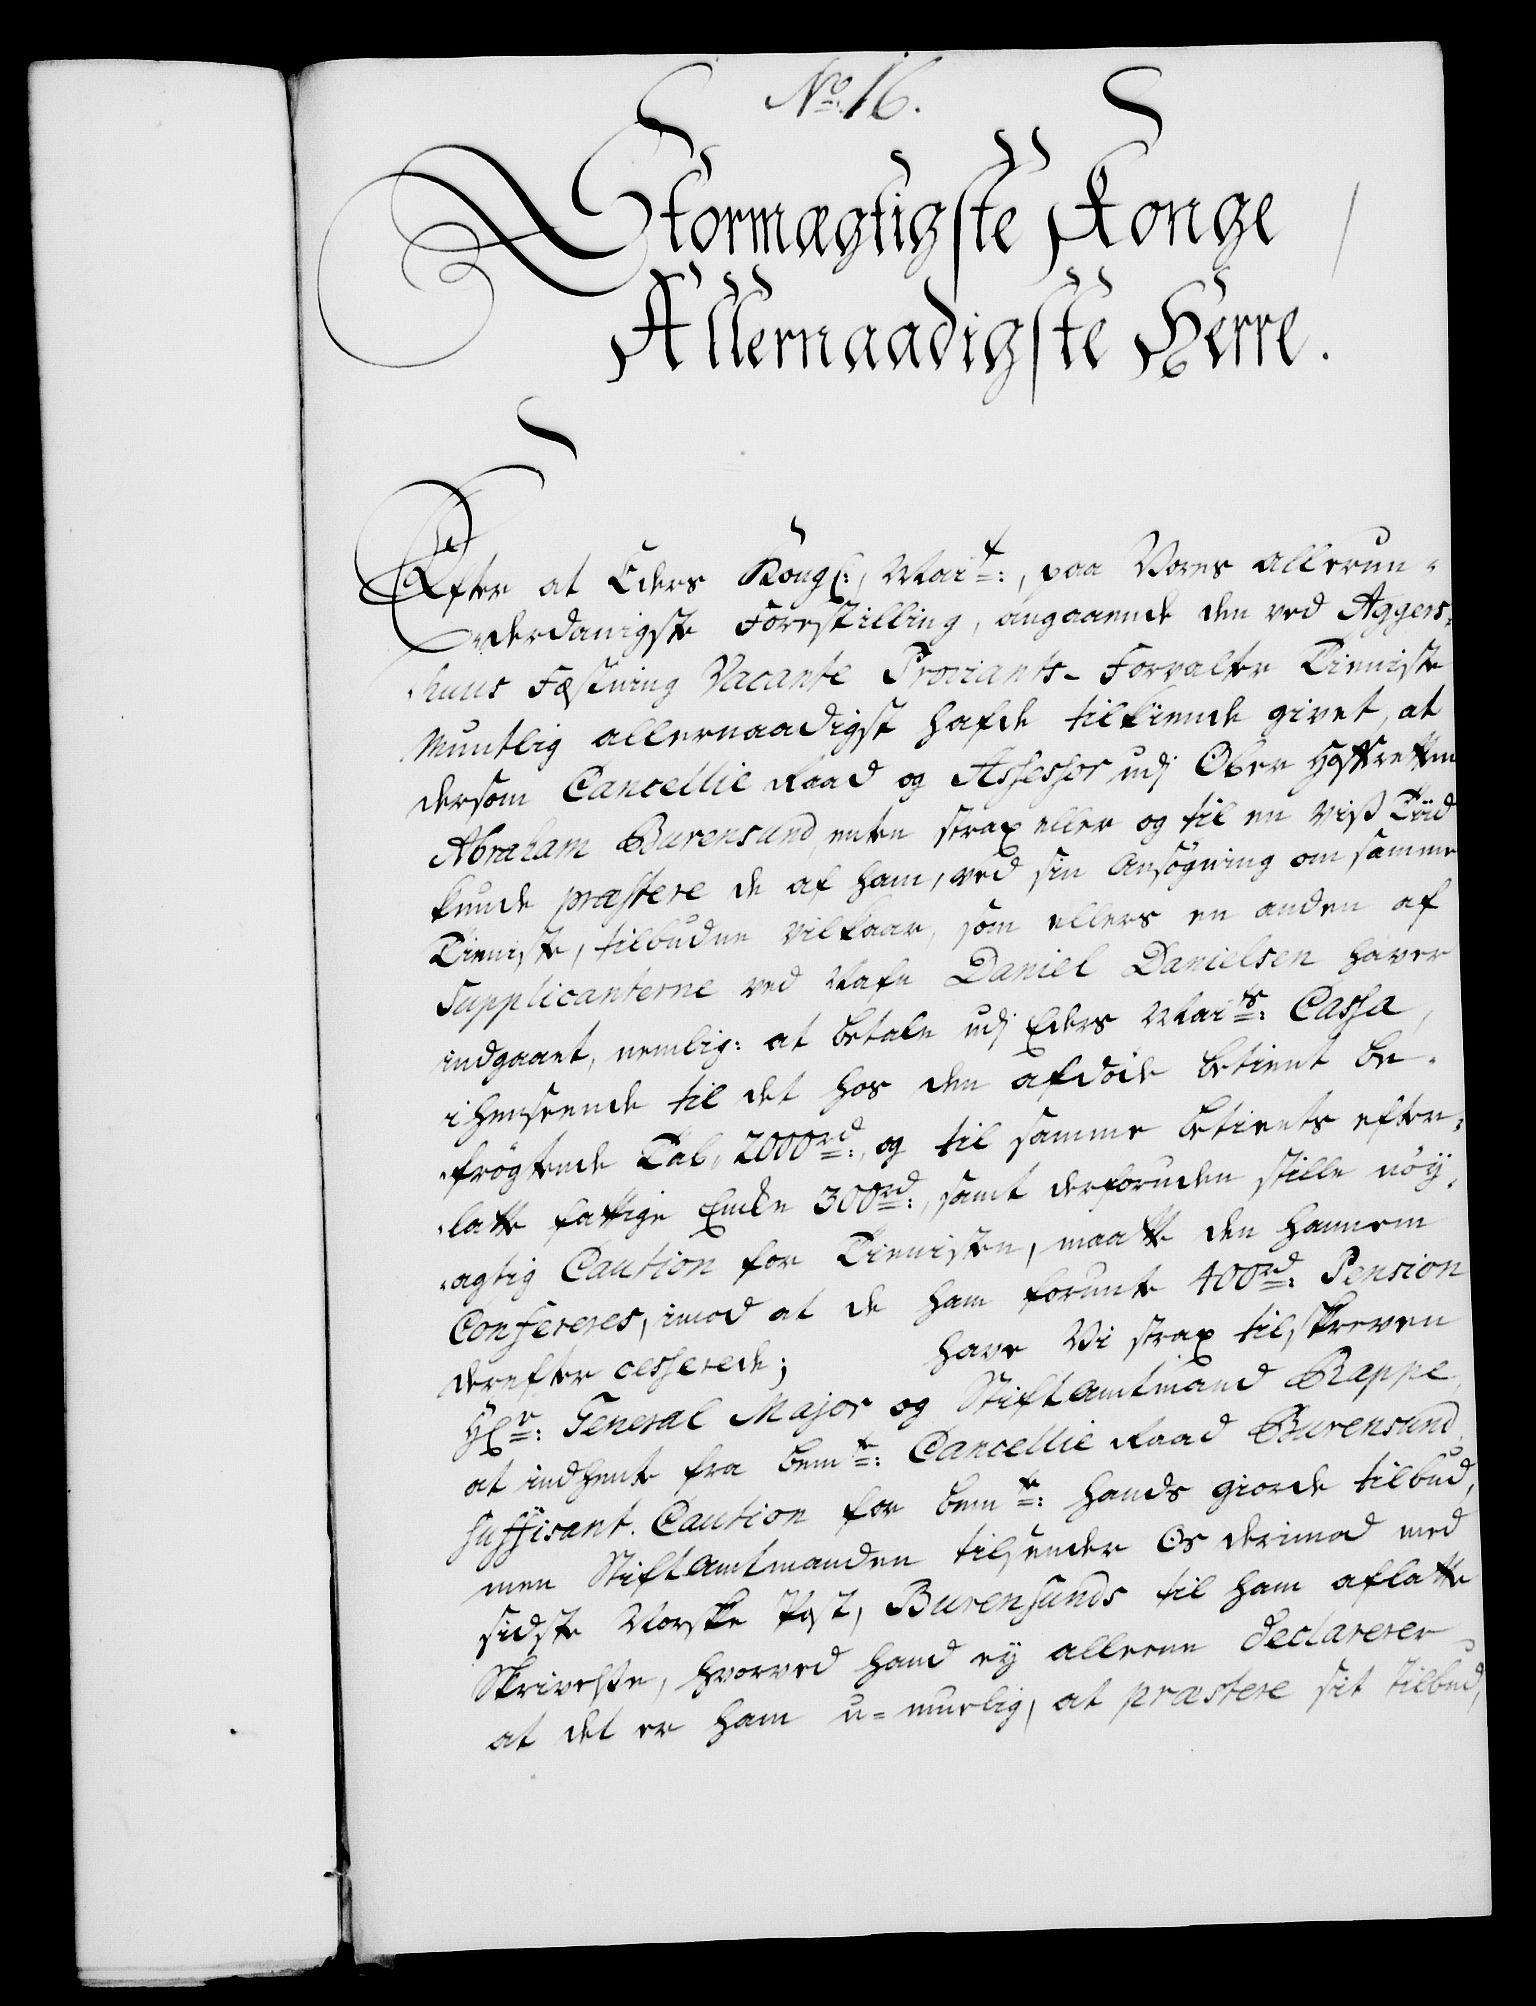 RA, Rentekammeret, Kammerkanselliet, G/Gf/Gfa/L0029: Norsk relasjons- og resolusjonsprotokoll (merket RK 52.29), 1746-1747, s. 270